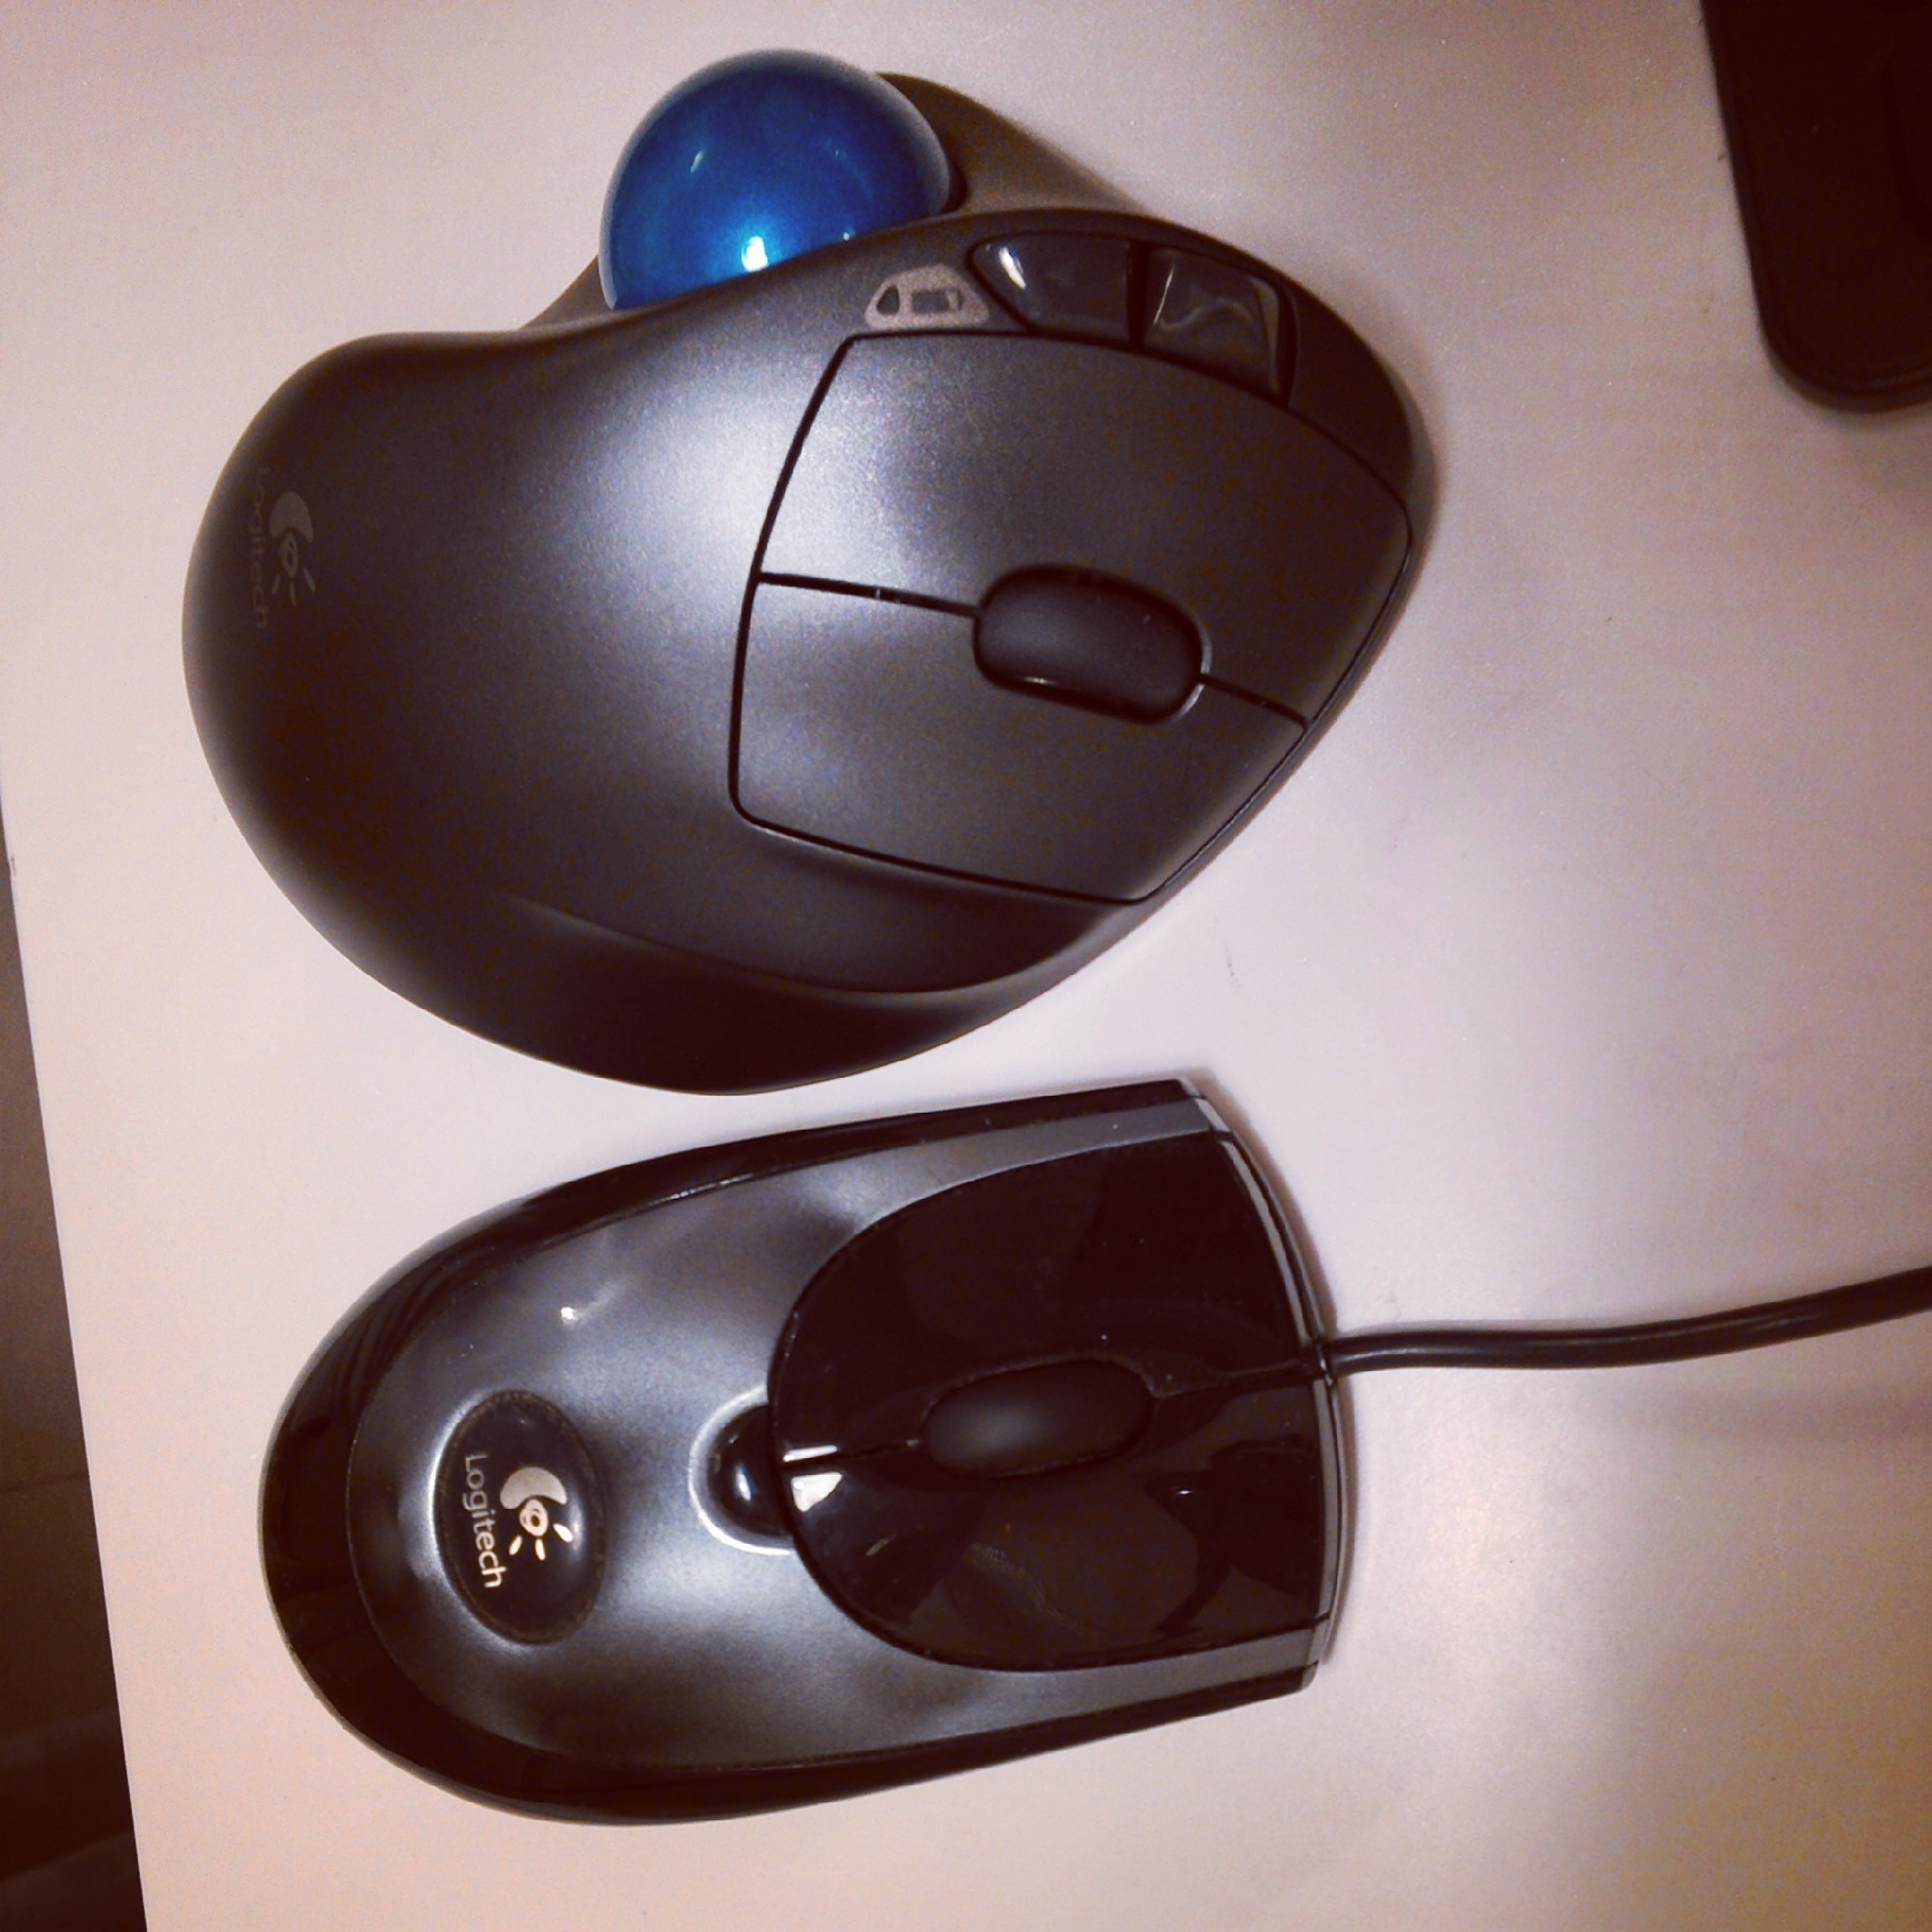 做CAD的人都用的轨迹球鼠标?-知乎cad2007不能复制鼠标图片